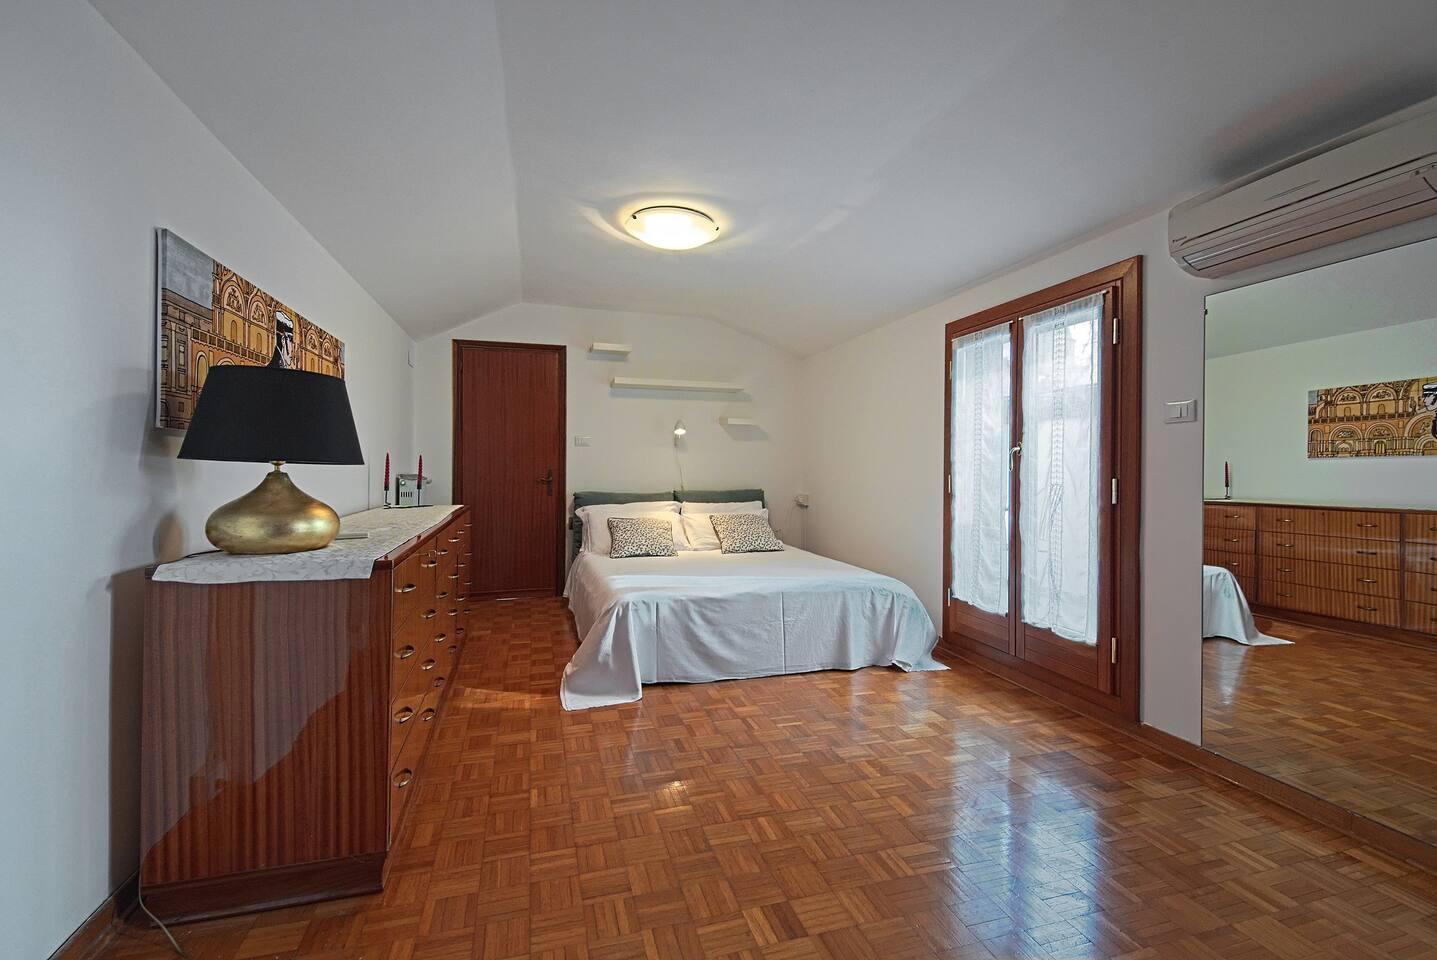 camera da letto principale con piccola terrazza abitabile